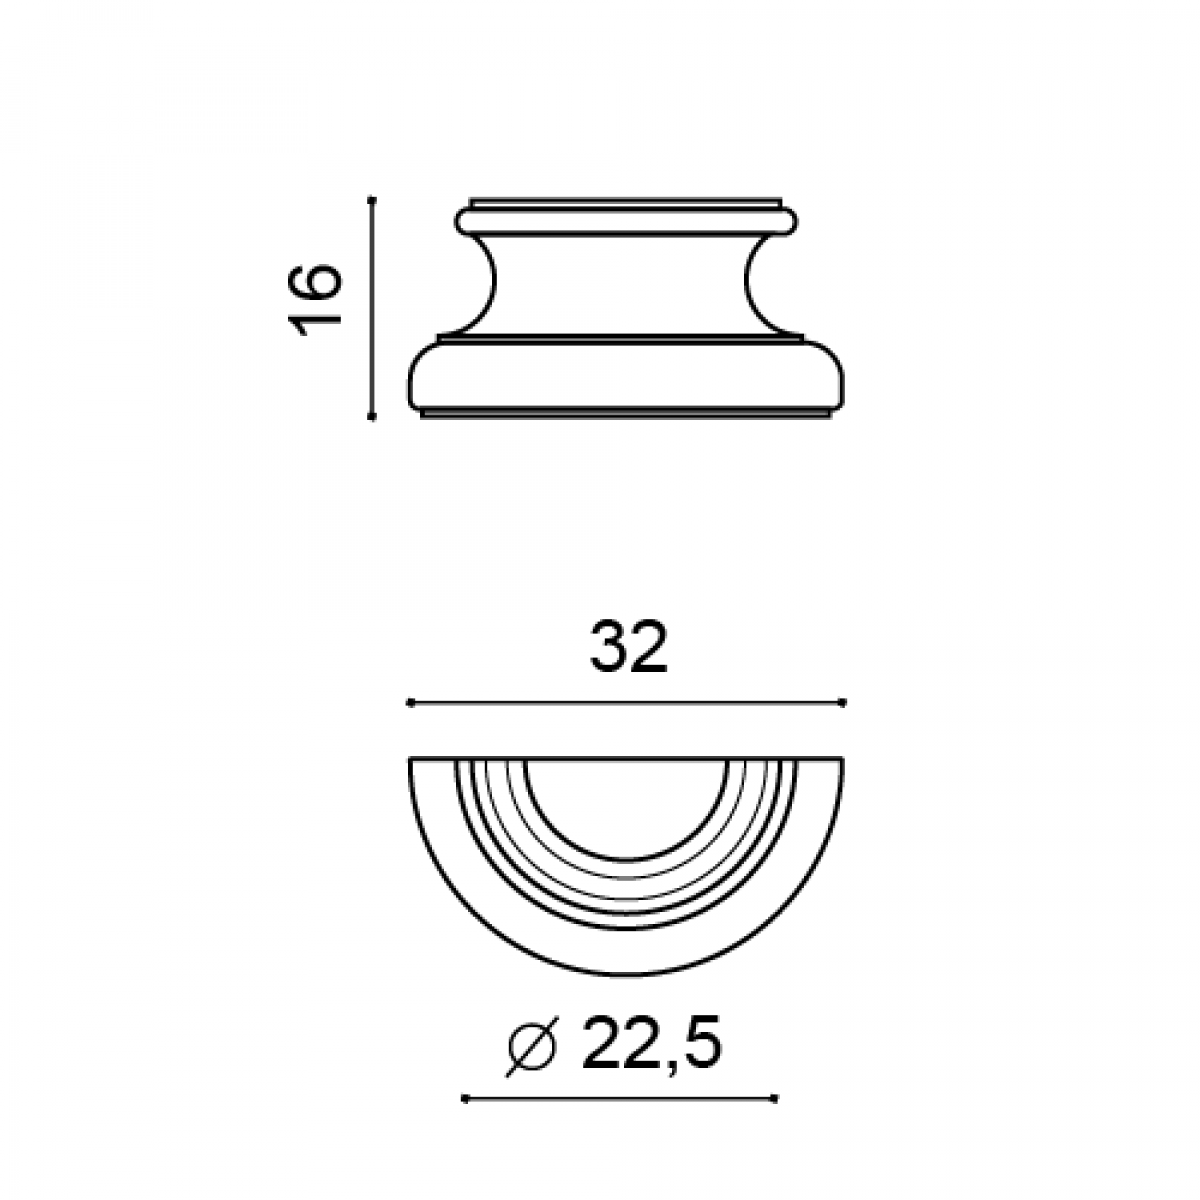 Jumatate De Baza Luxxus K1151, Dimensiuni: 32 X 16 X 12.5 cm, Orac Decor